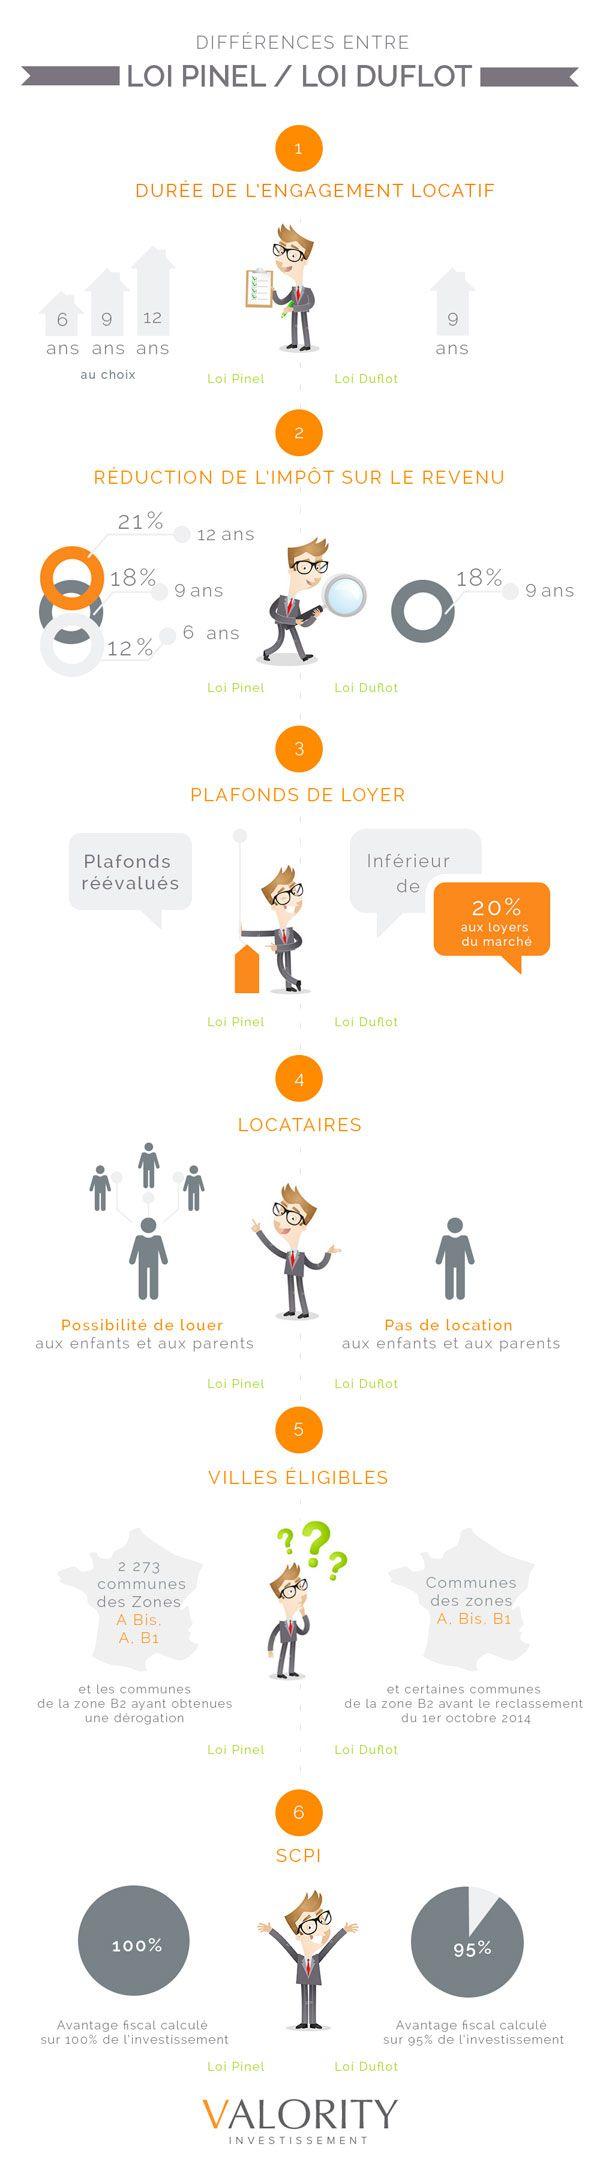 Infographie Loi Pinel Différence entre loi pinel et loi duflot